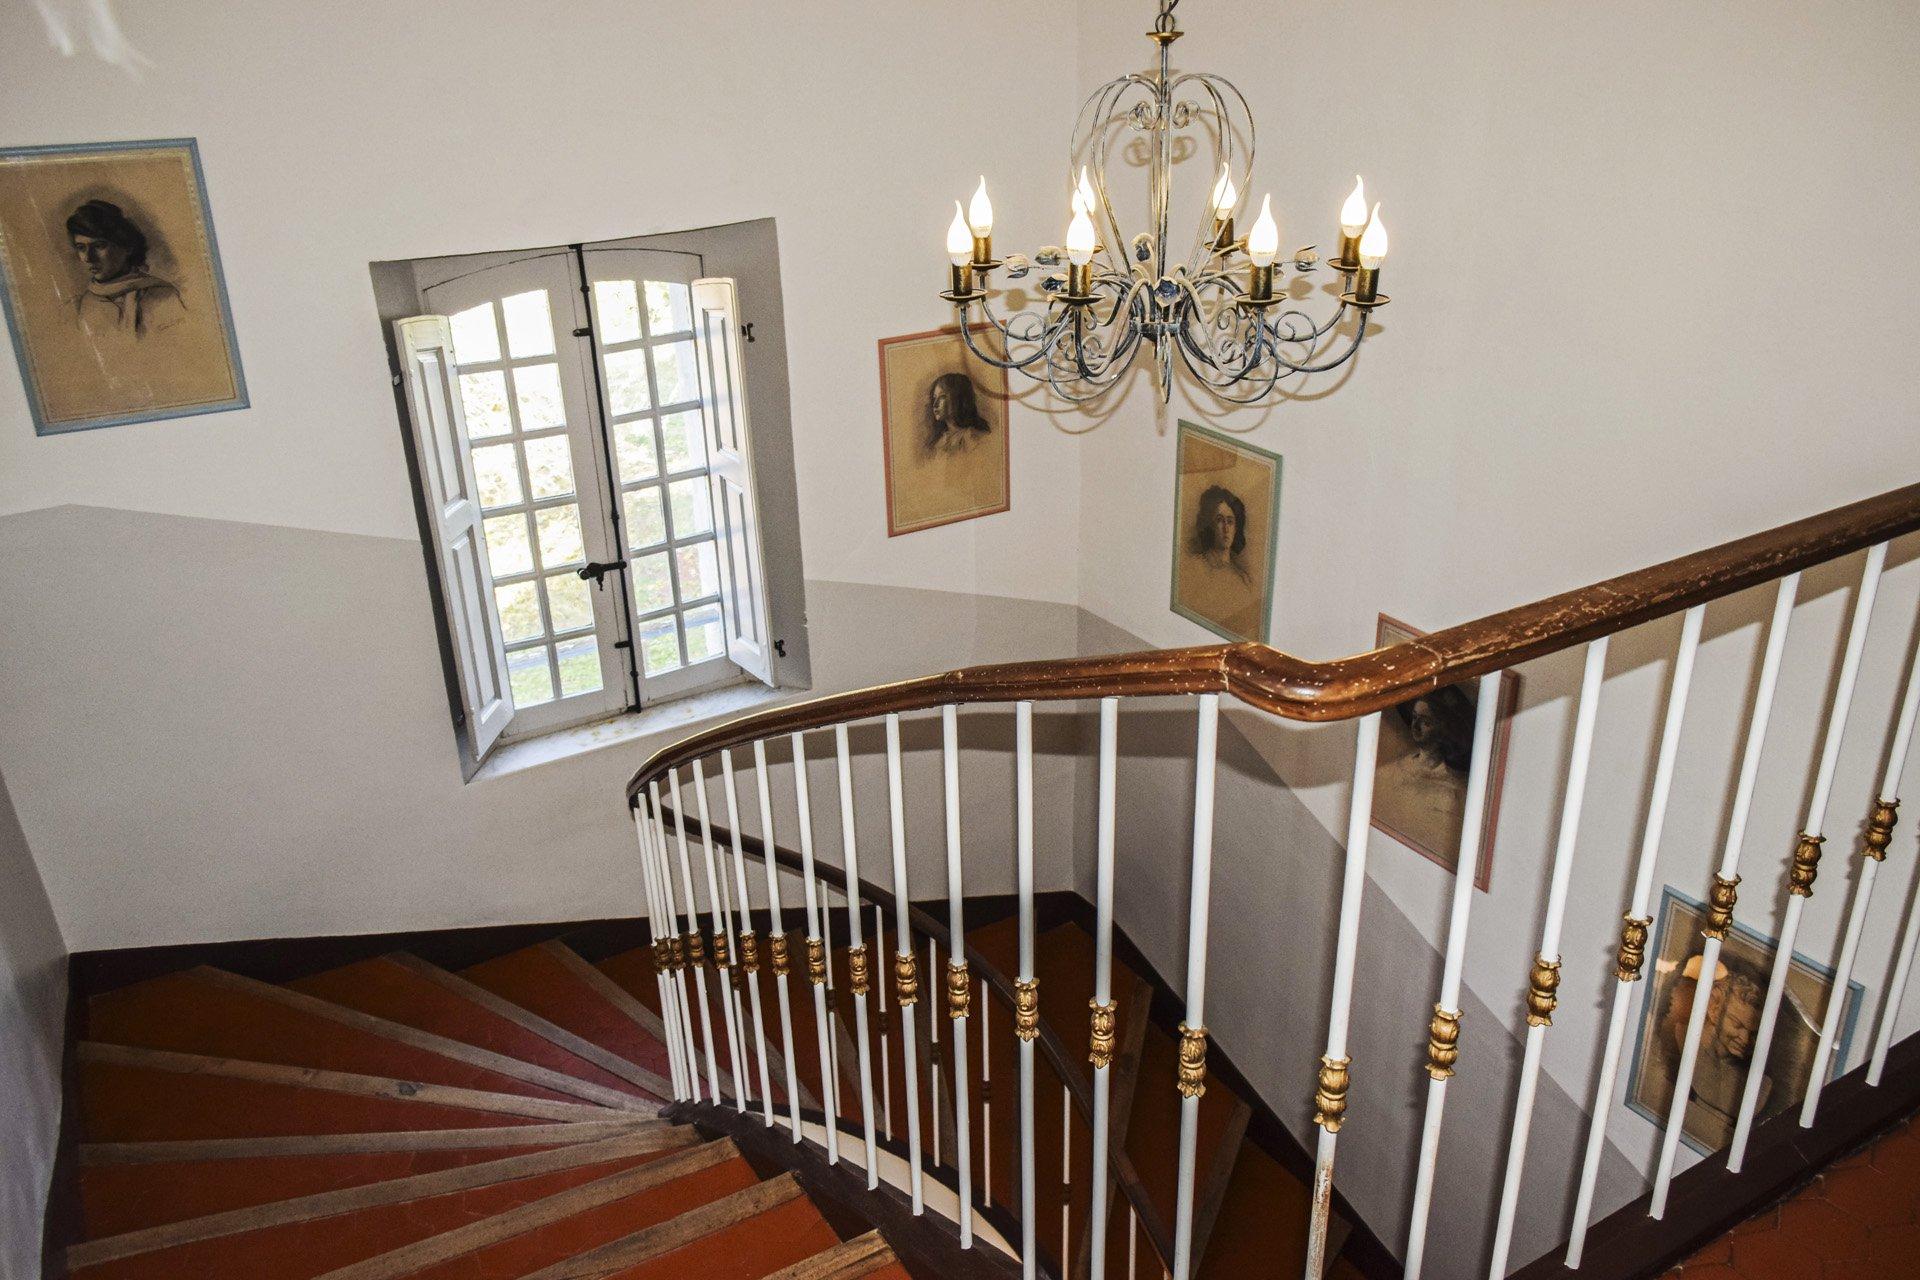 escalier chambres Bastide 18 ième siècle 750 m², sur 2 ha chambres d'hôtes, le luc, var, provence